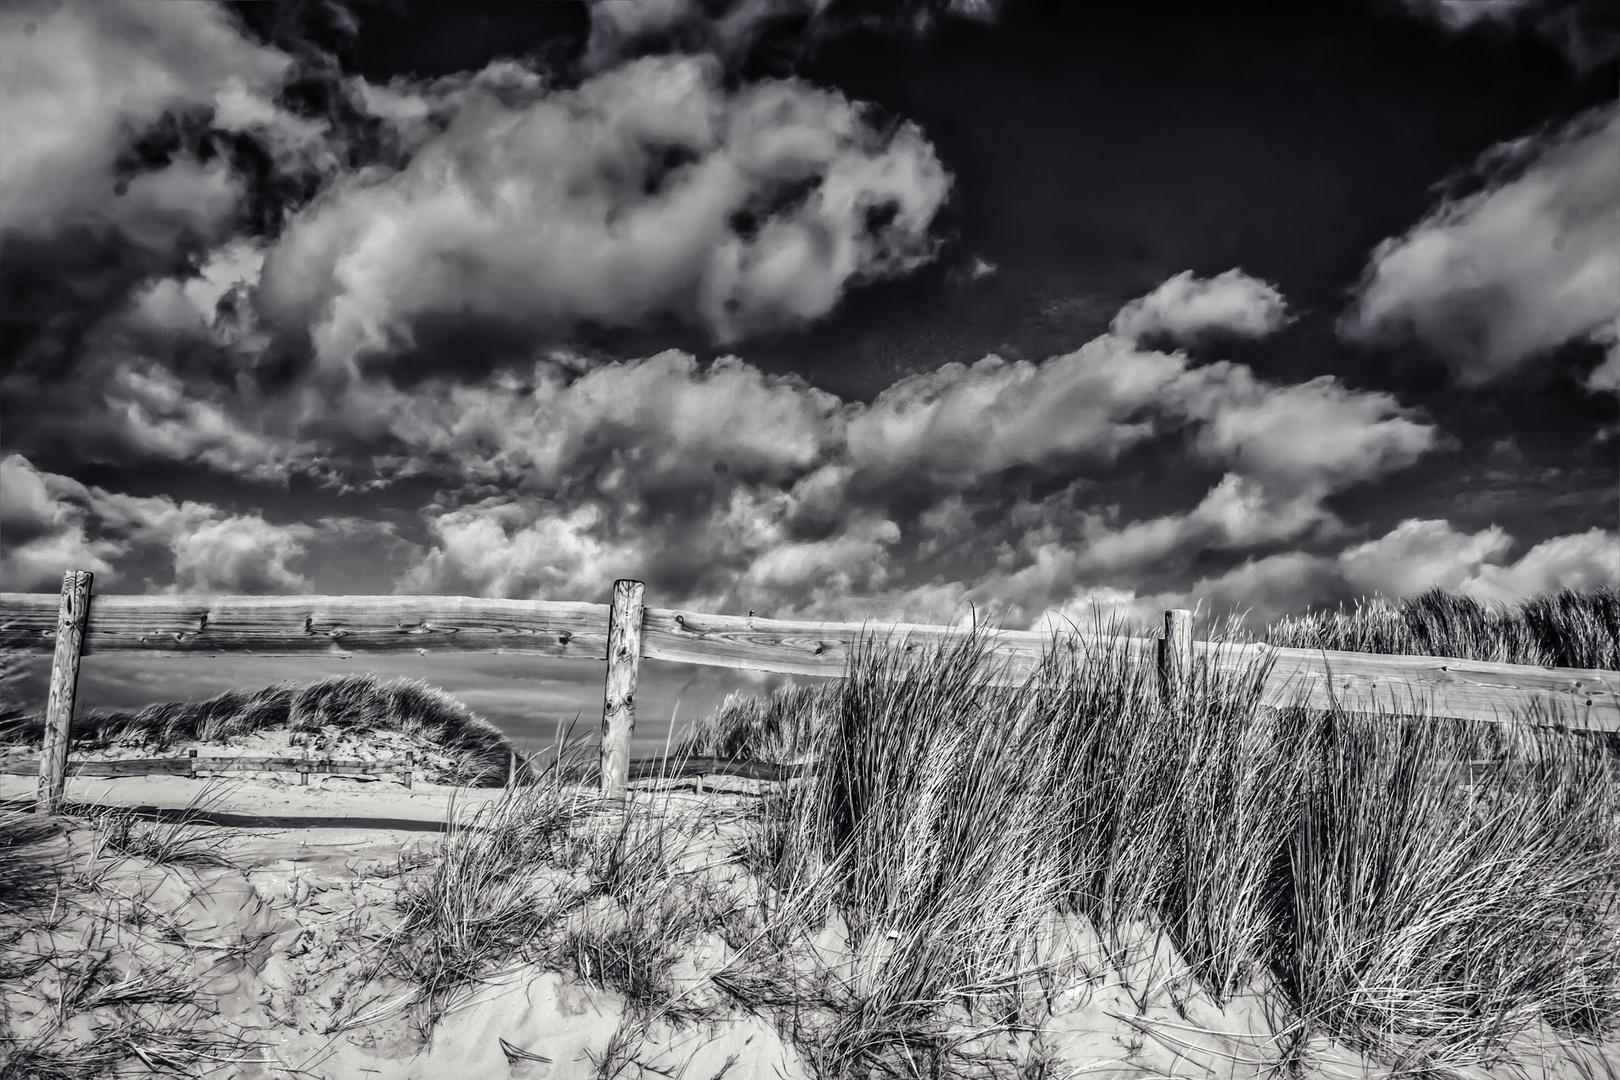 Isle of Ameland / Netherlands